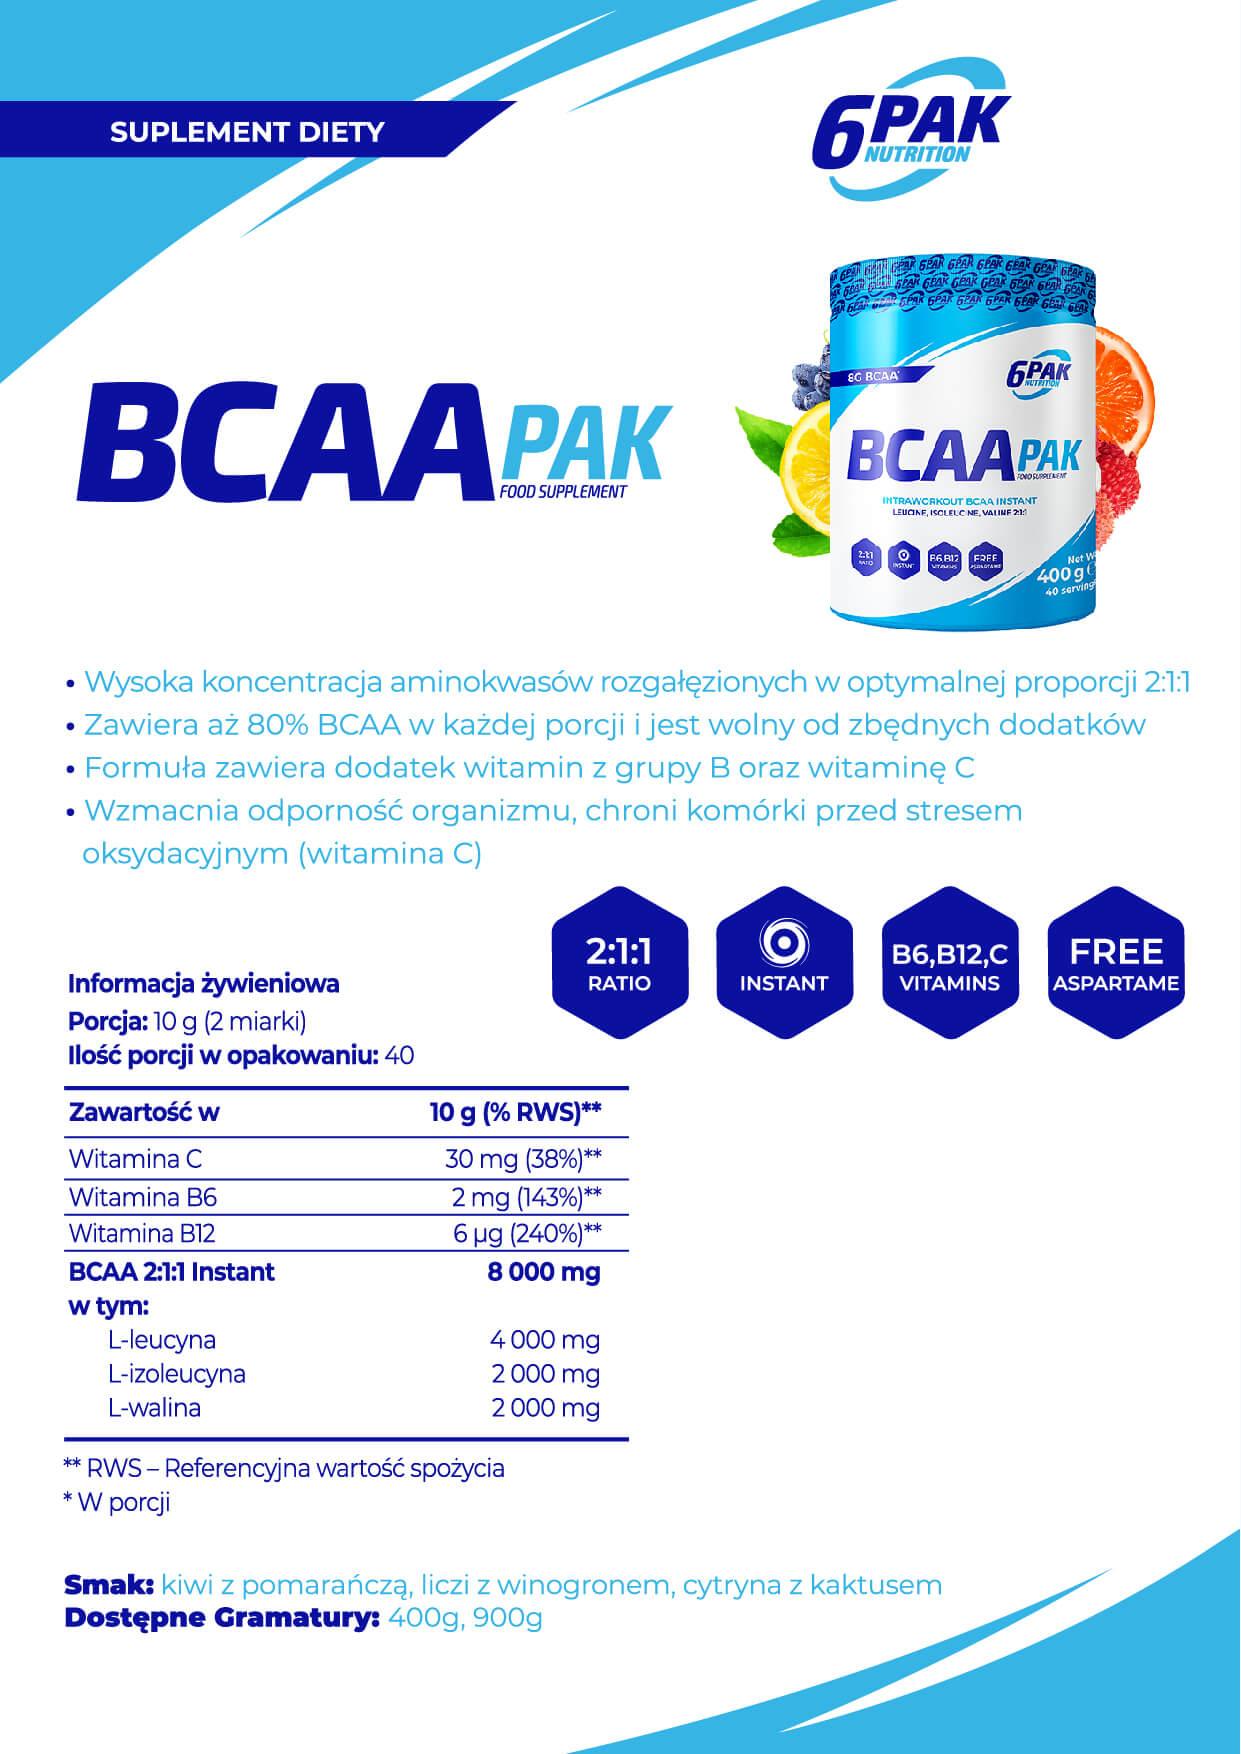 6PAK Nutrition BCAA PAK Baner - 400g